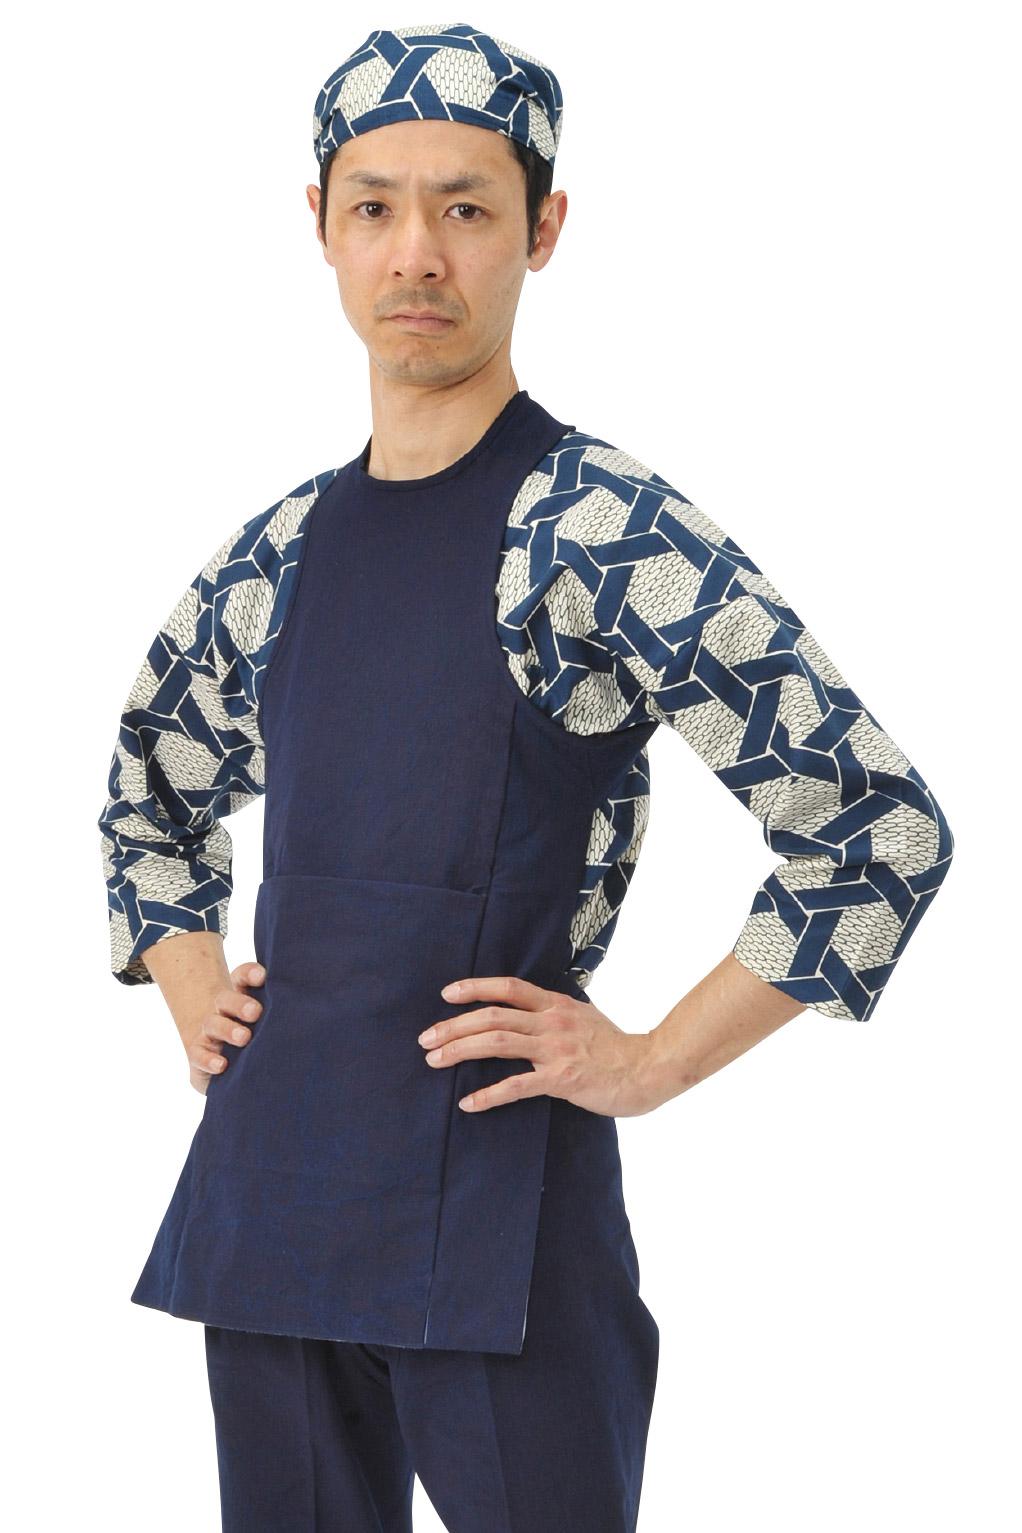 お祭り衣装 カラーコーディネート 紺 藍染